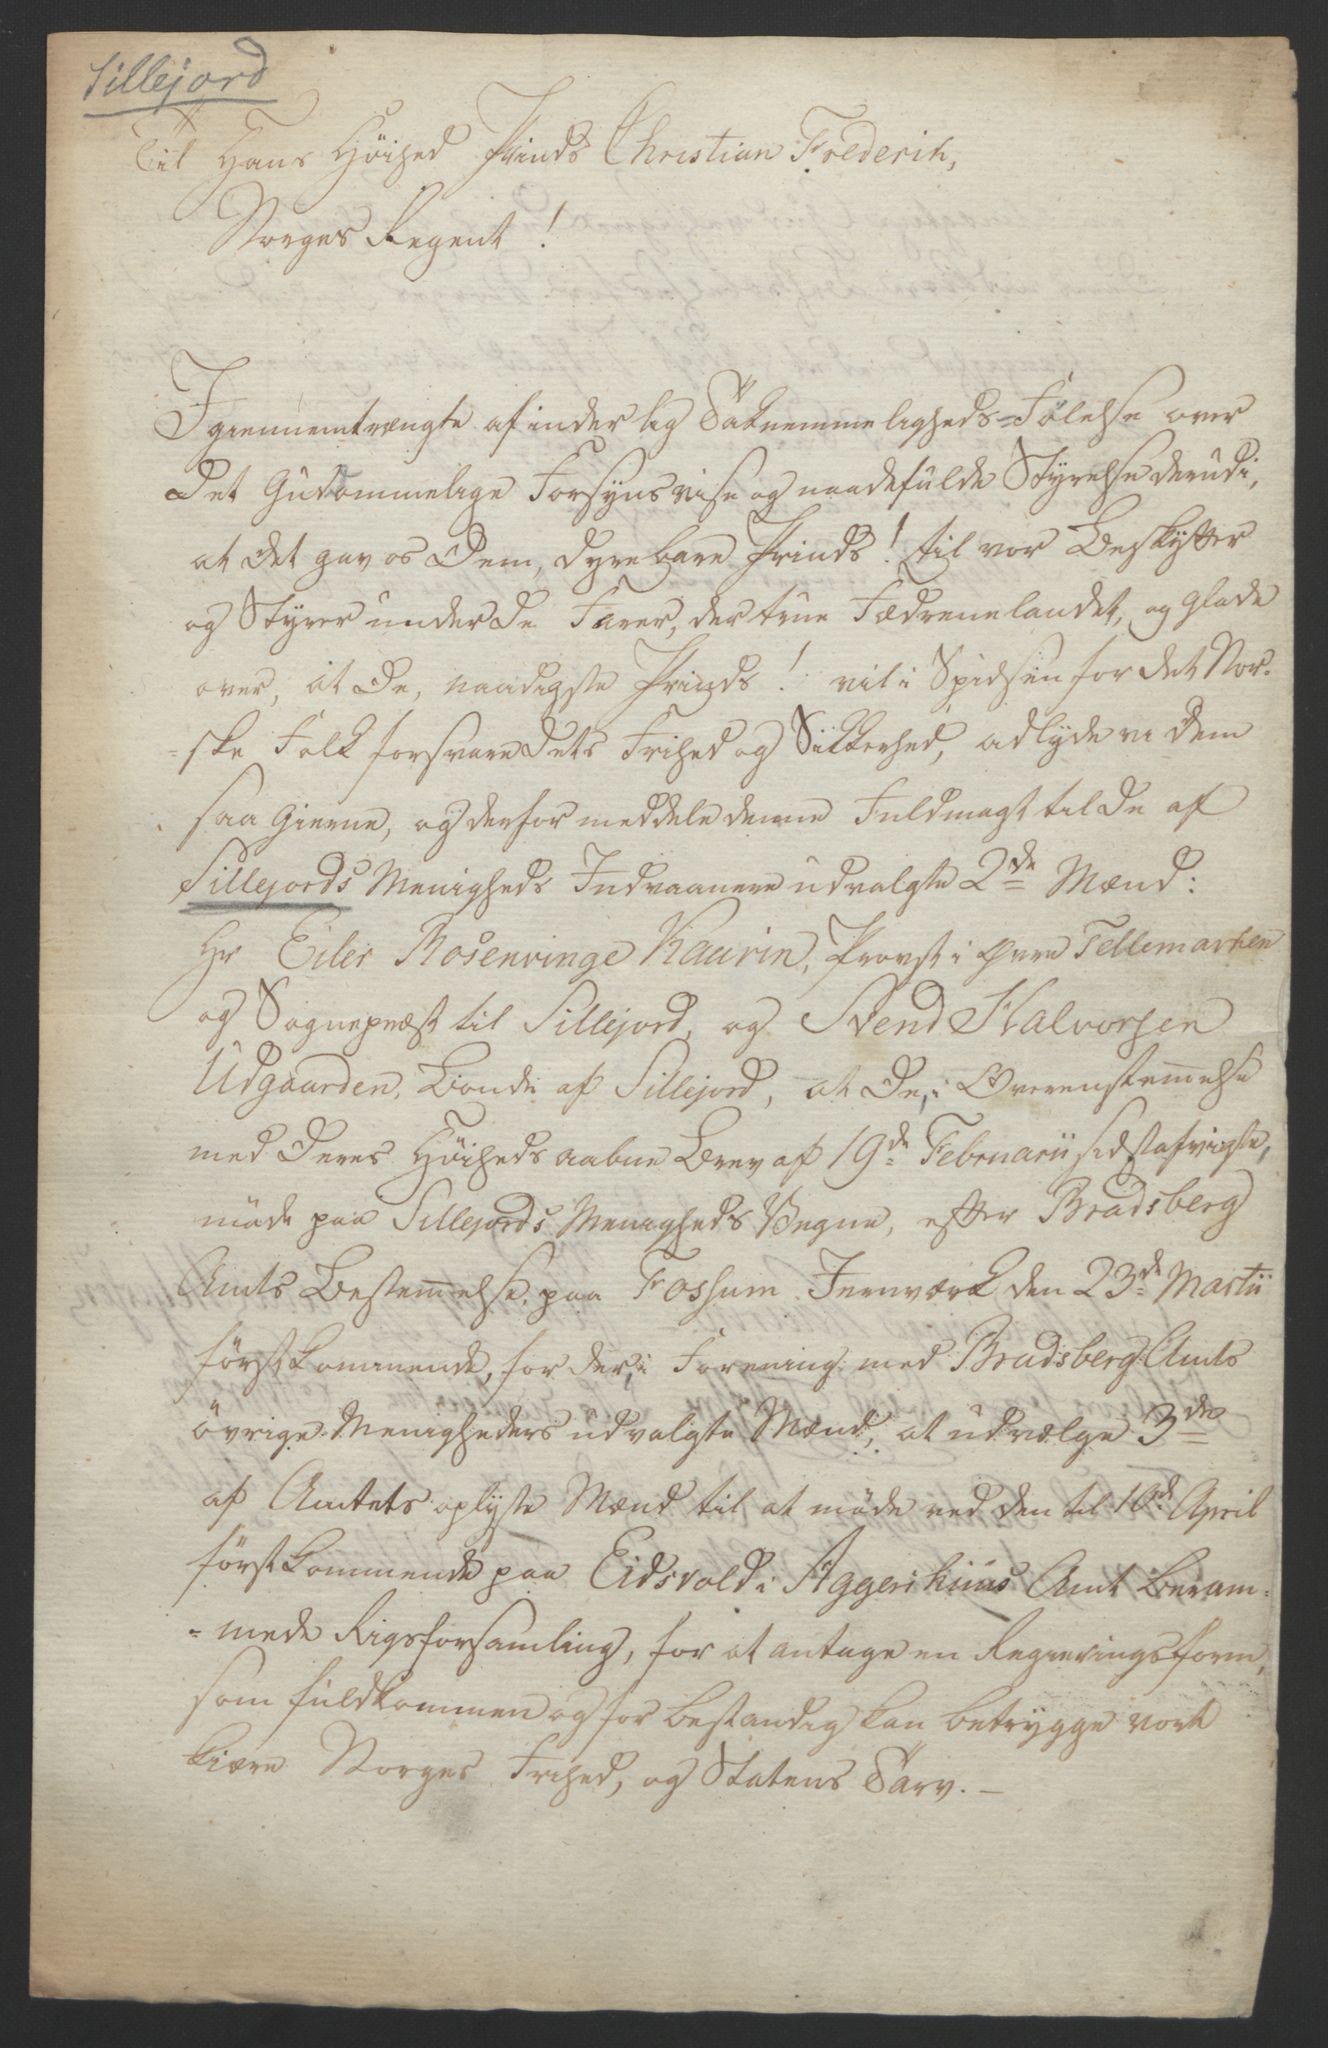 RA, Statsrådssekretariatet, D/Db/L0008: Fullmakter for Eidsvollsrepresentantene i 1814. , 1814, s. 67